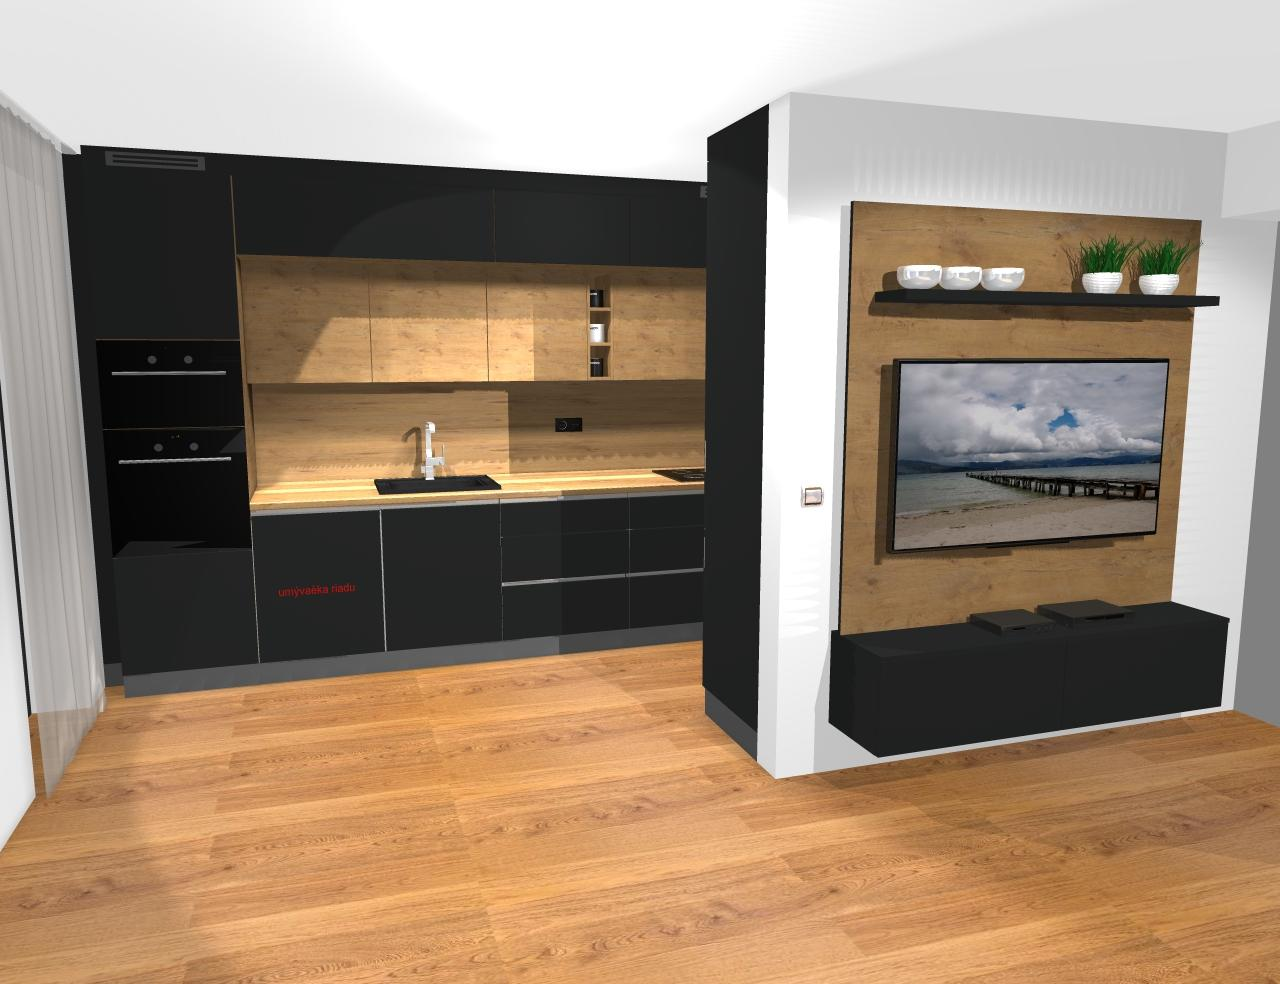 Grafické návrhy kuchynských liniek 2019 - Grafický návrh kuchyne a Tv steny do paneláku v BB - obr.1